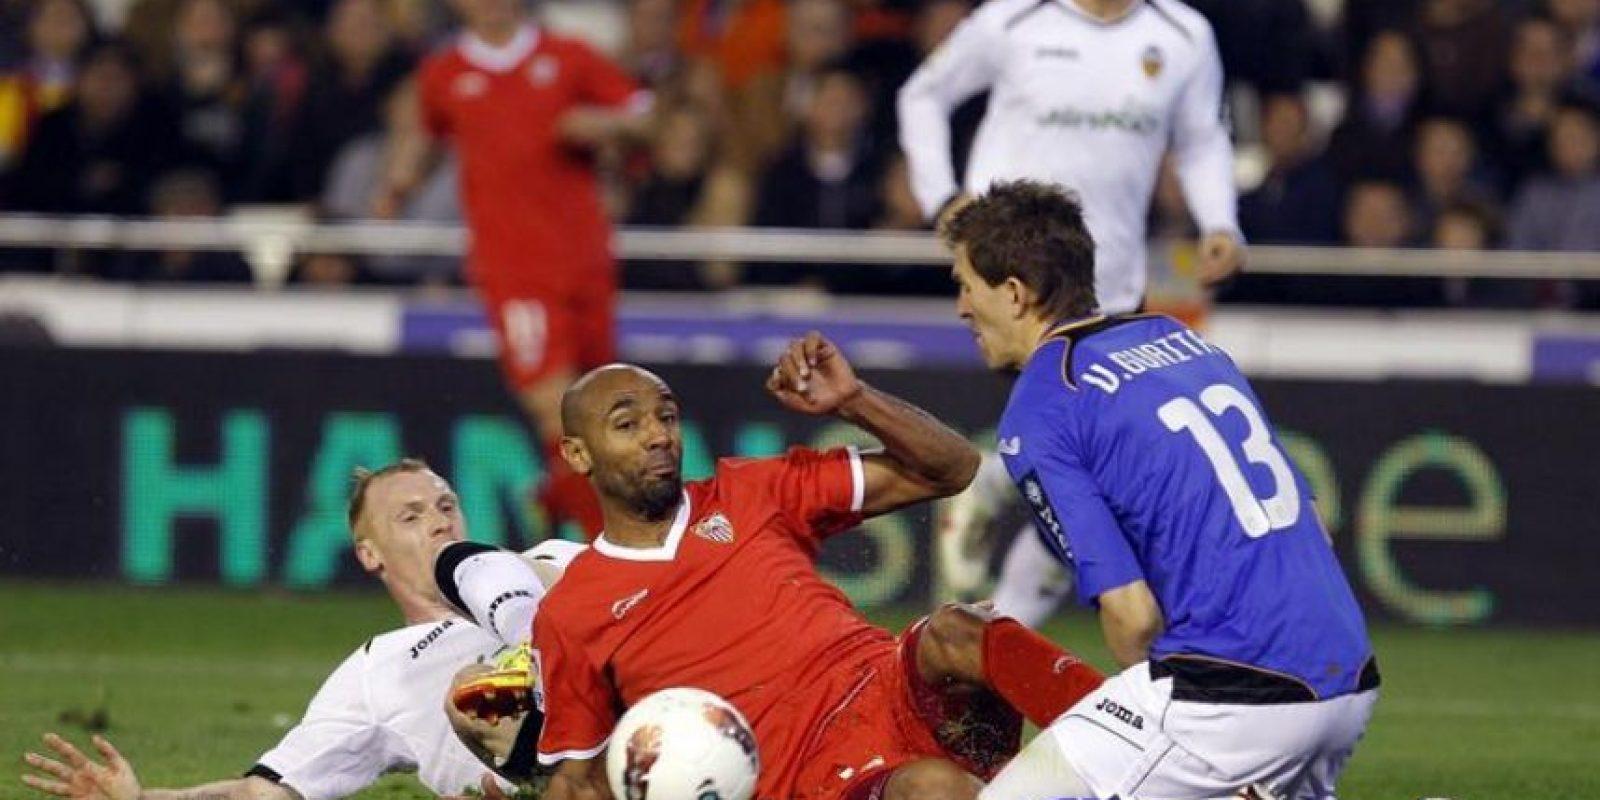 El delantero malí del Sevilla FC Frederic Kanouté (c) pelea en el suelo por el balón con el defensa y el portero del Valencia CF Jeremy Mathieu (i) y Vicente Guaita, respectivamente, durante el partido, correspondiente a la vigésimo quinta jornada del Campeonato Nacional de Liga de Primera División, que han disputado ambos equipos en el estadio de Mestalla. EFE